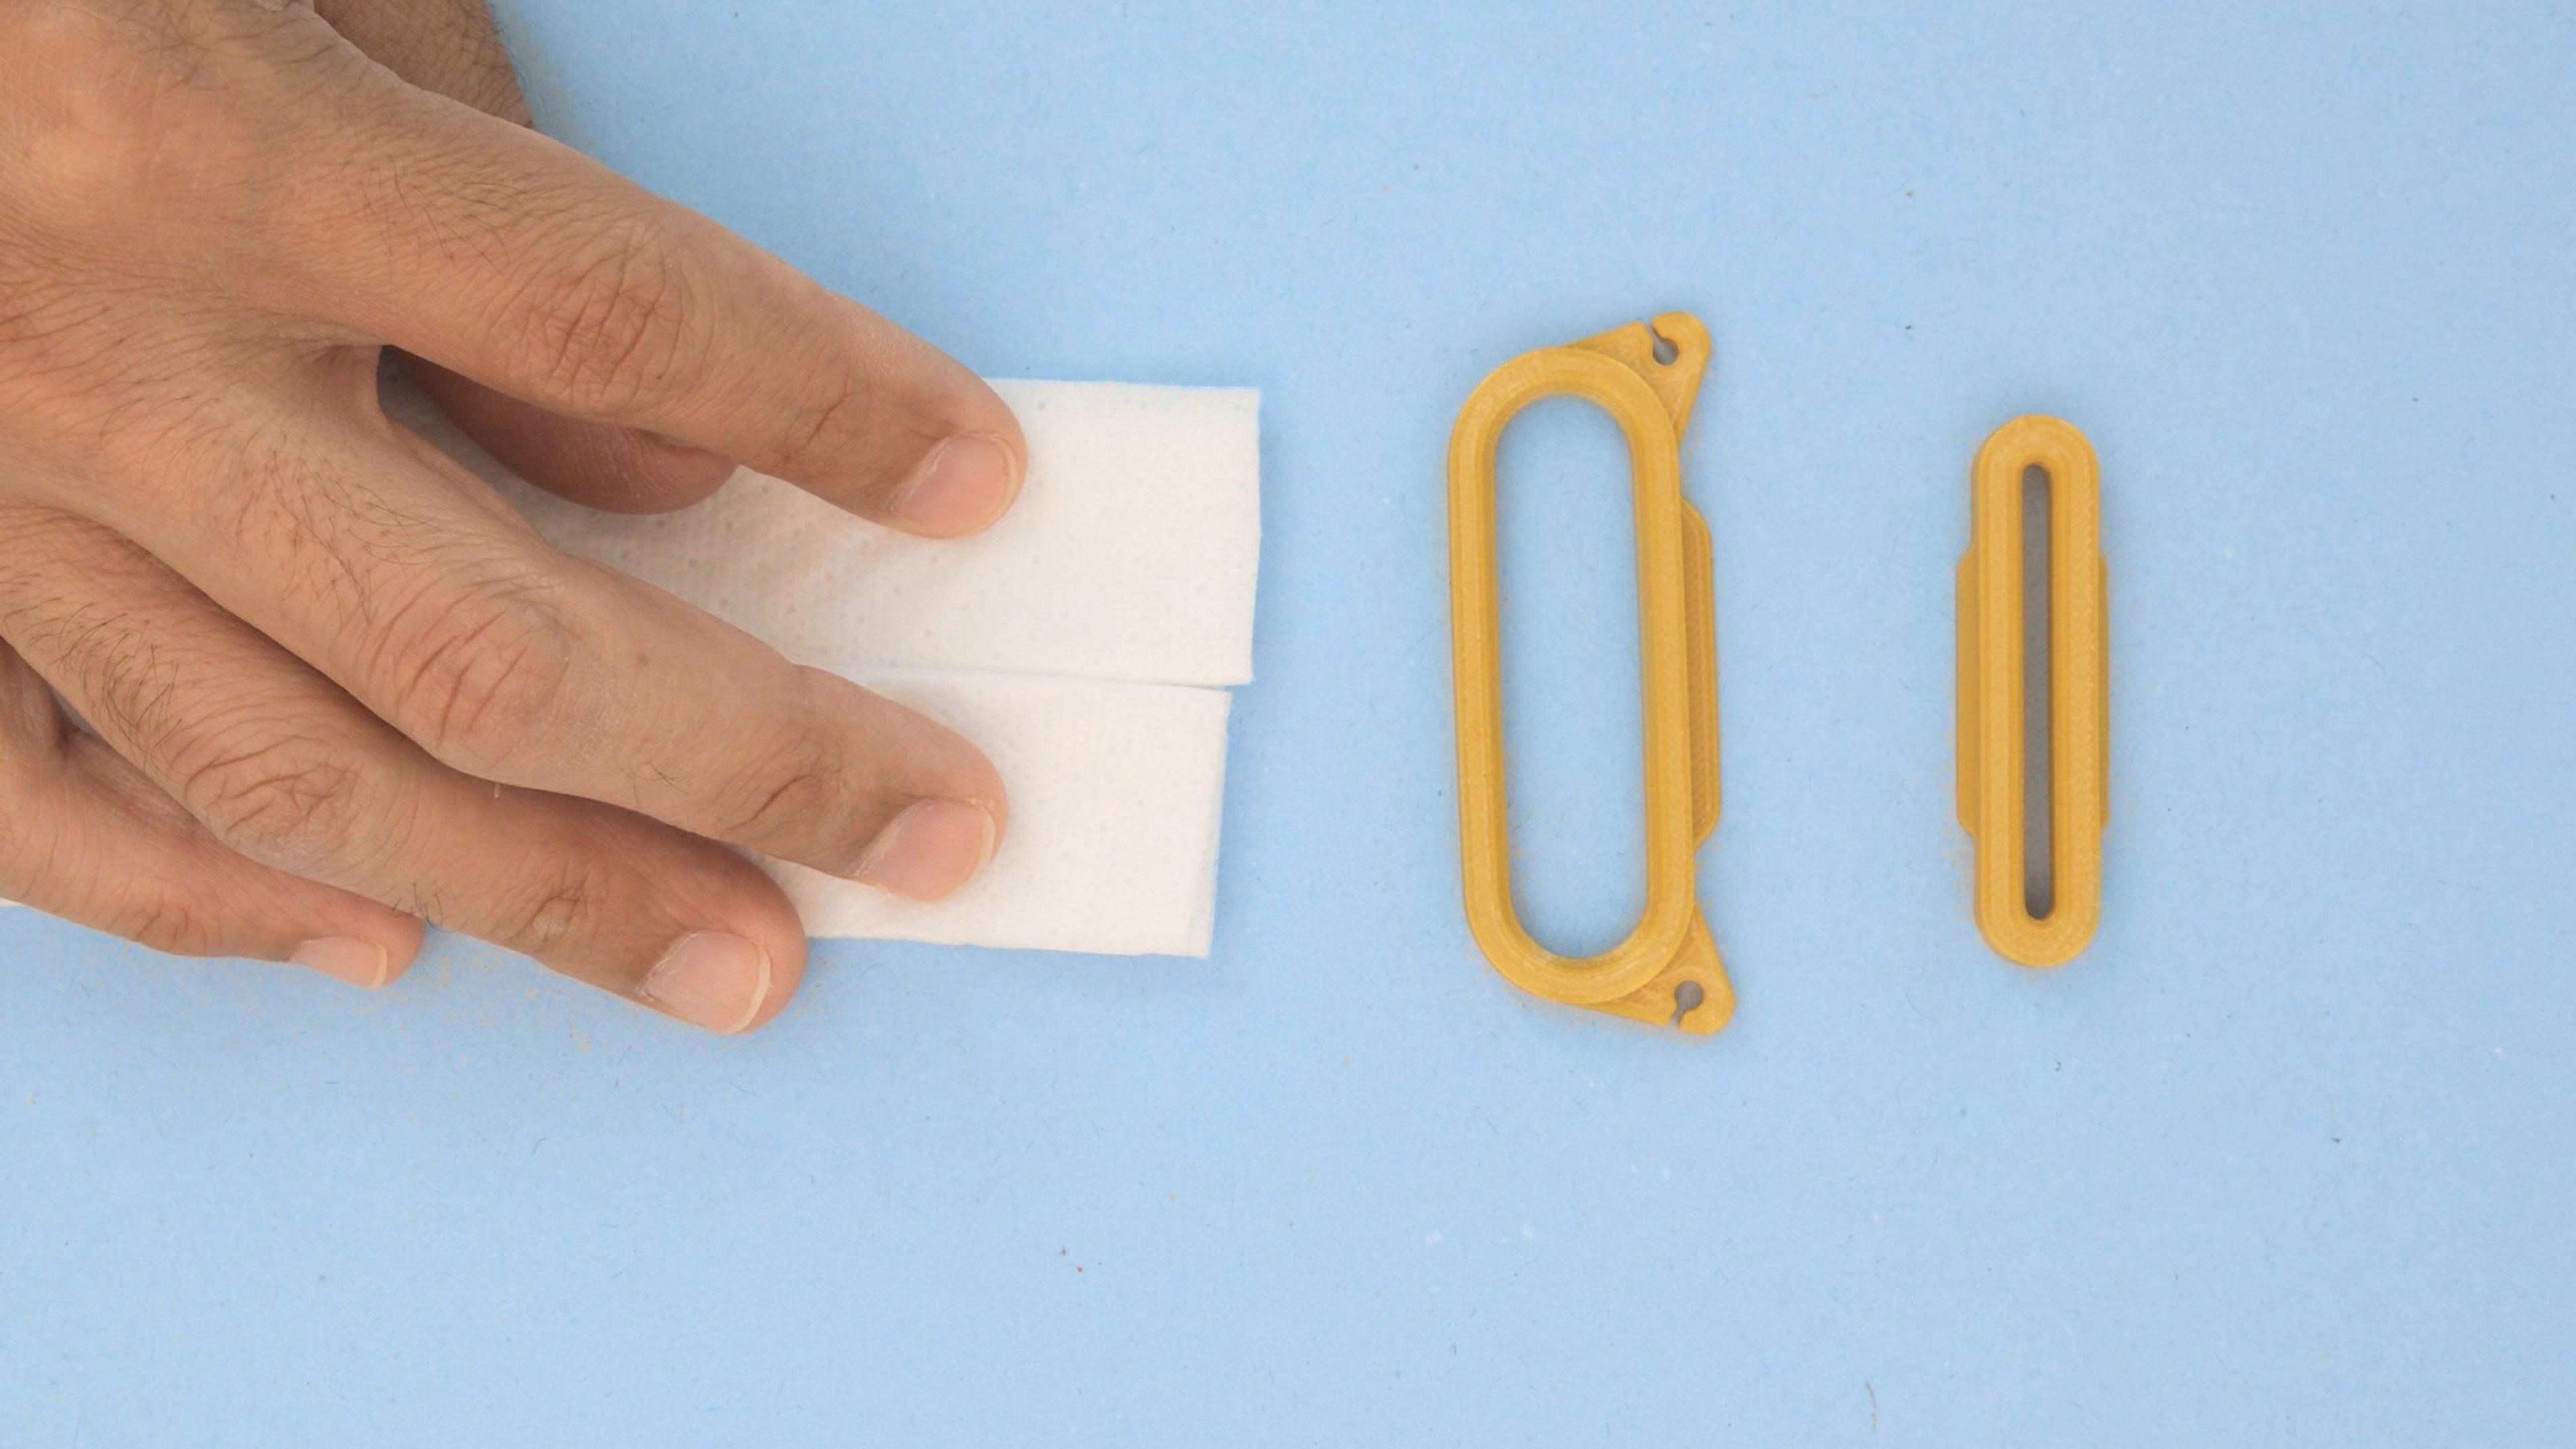 3d_printing_align-folds.jpg